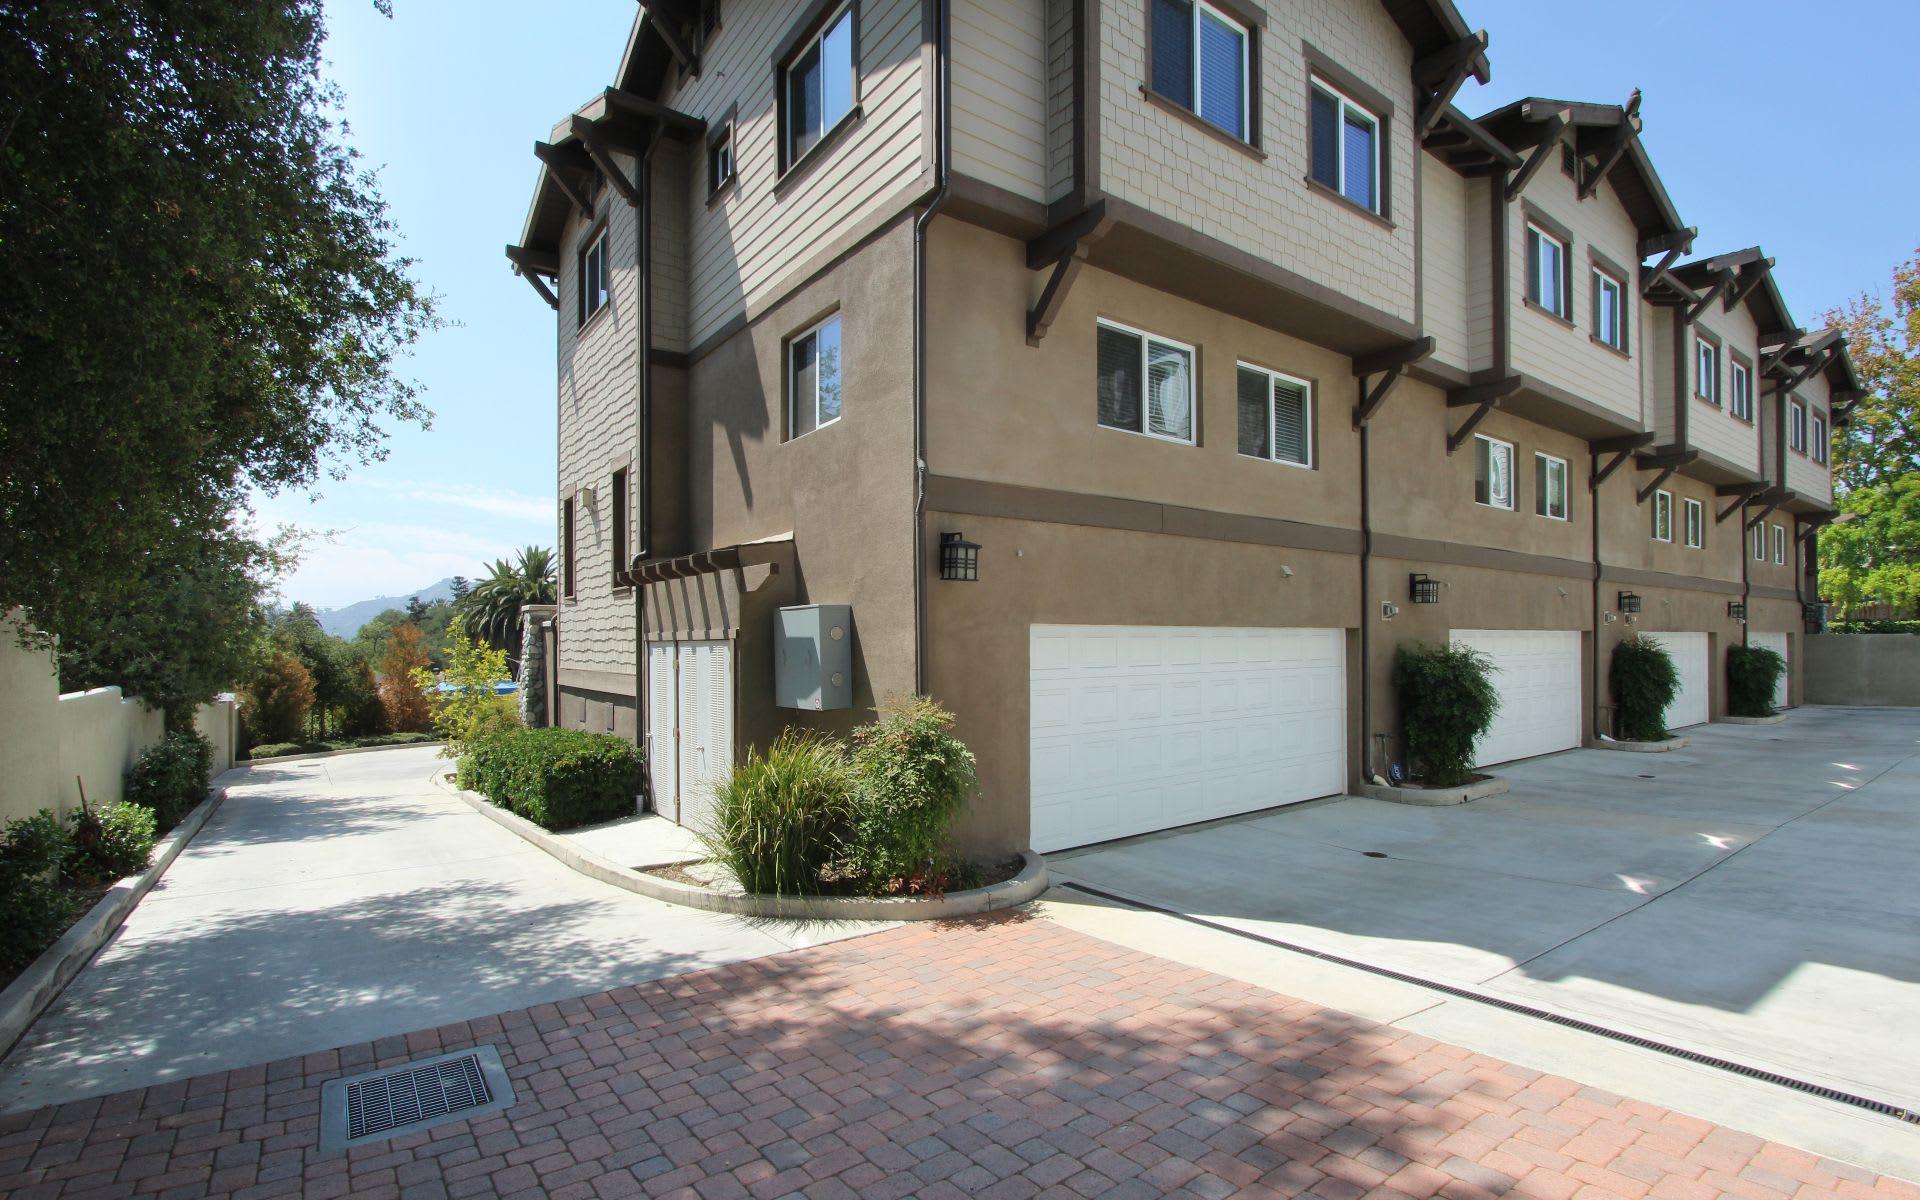 1705 N Fair Oaks Ave # 105 photo